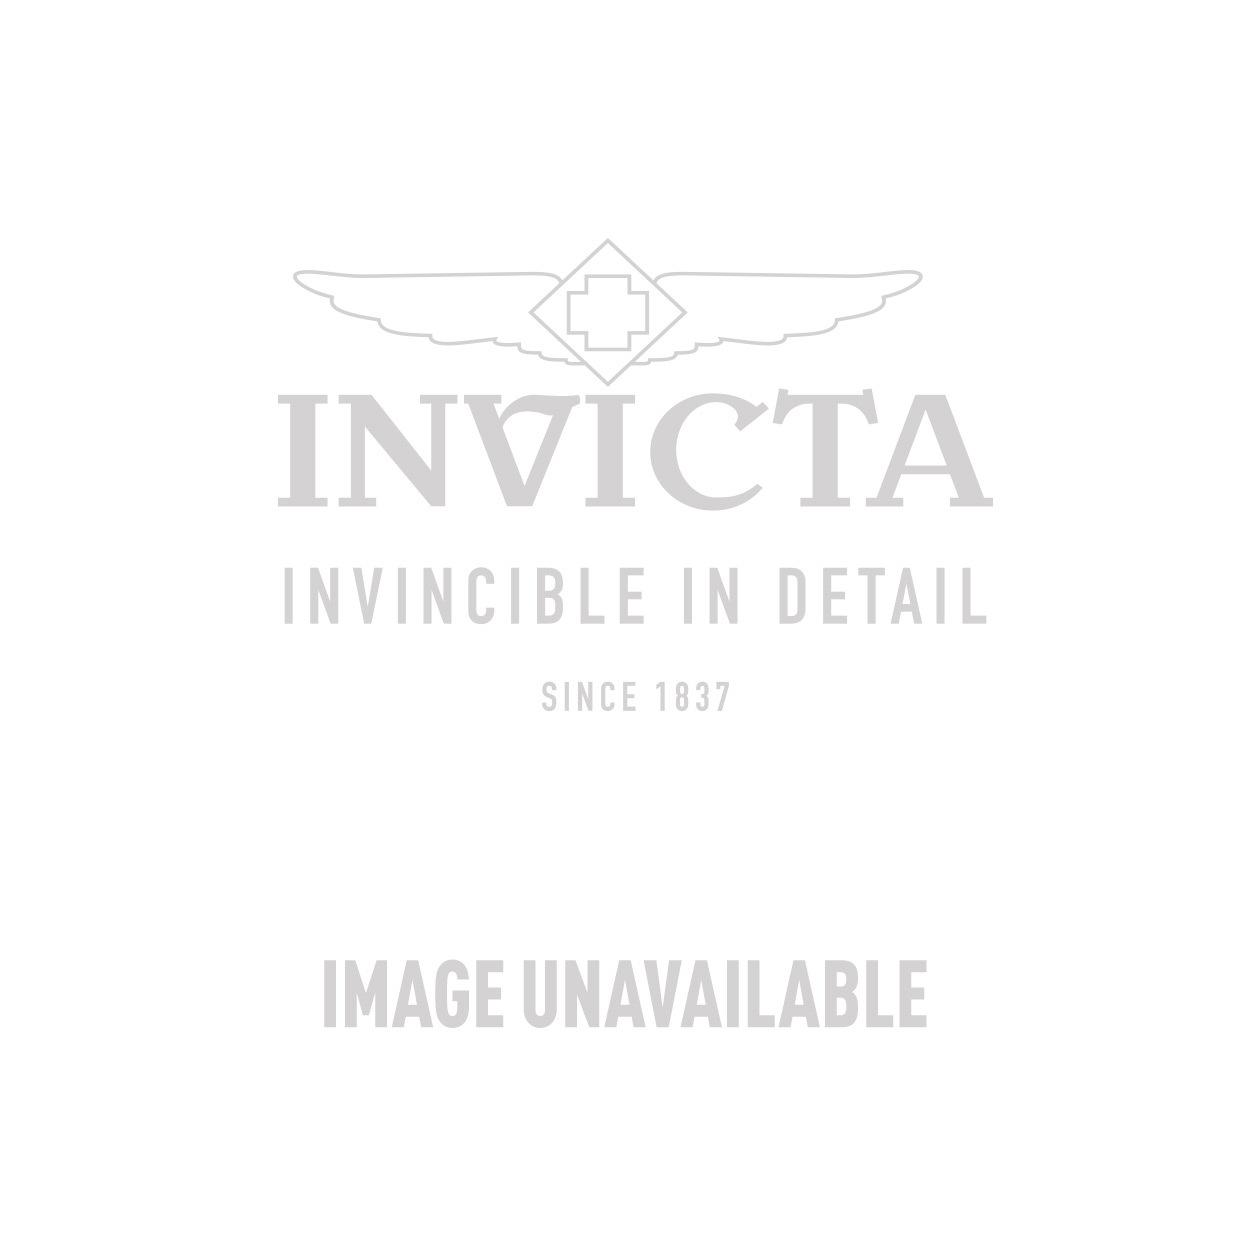 Invicta Model 28928